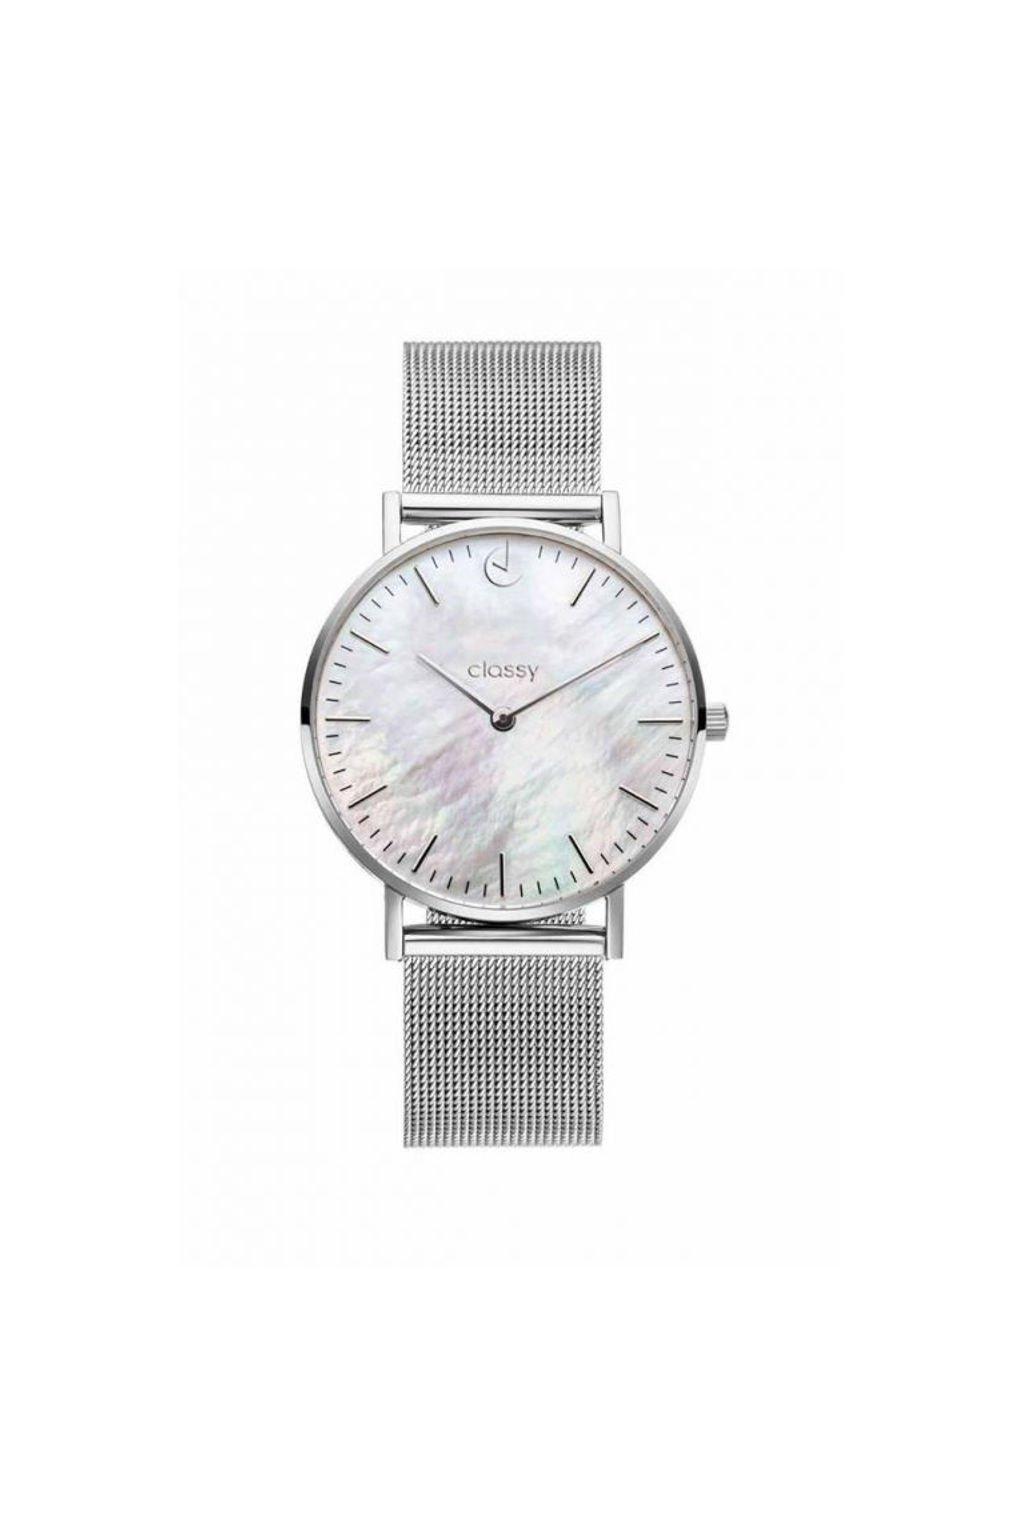 Elegantní hodinky Classy stříbrné barvy s kovovým páskem